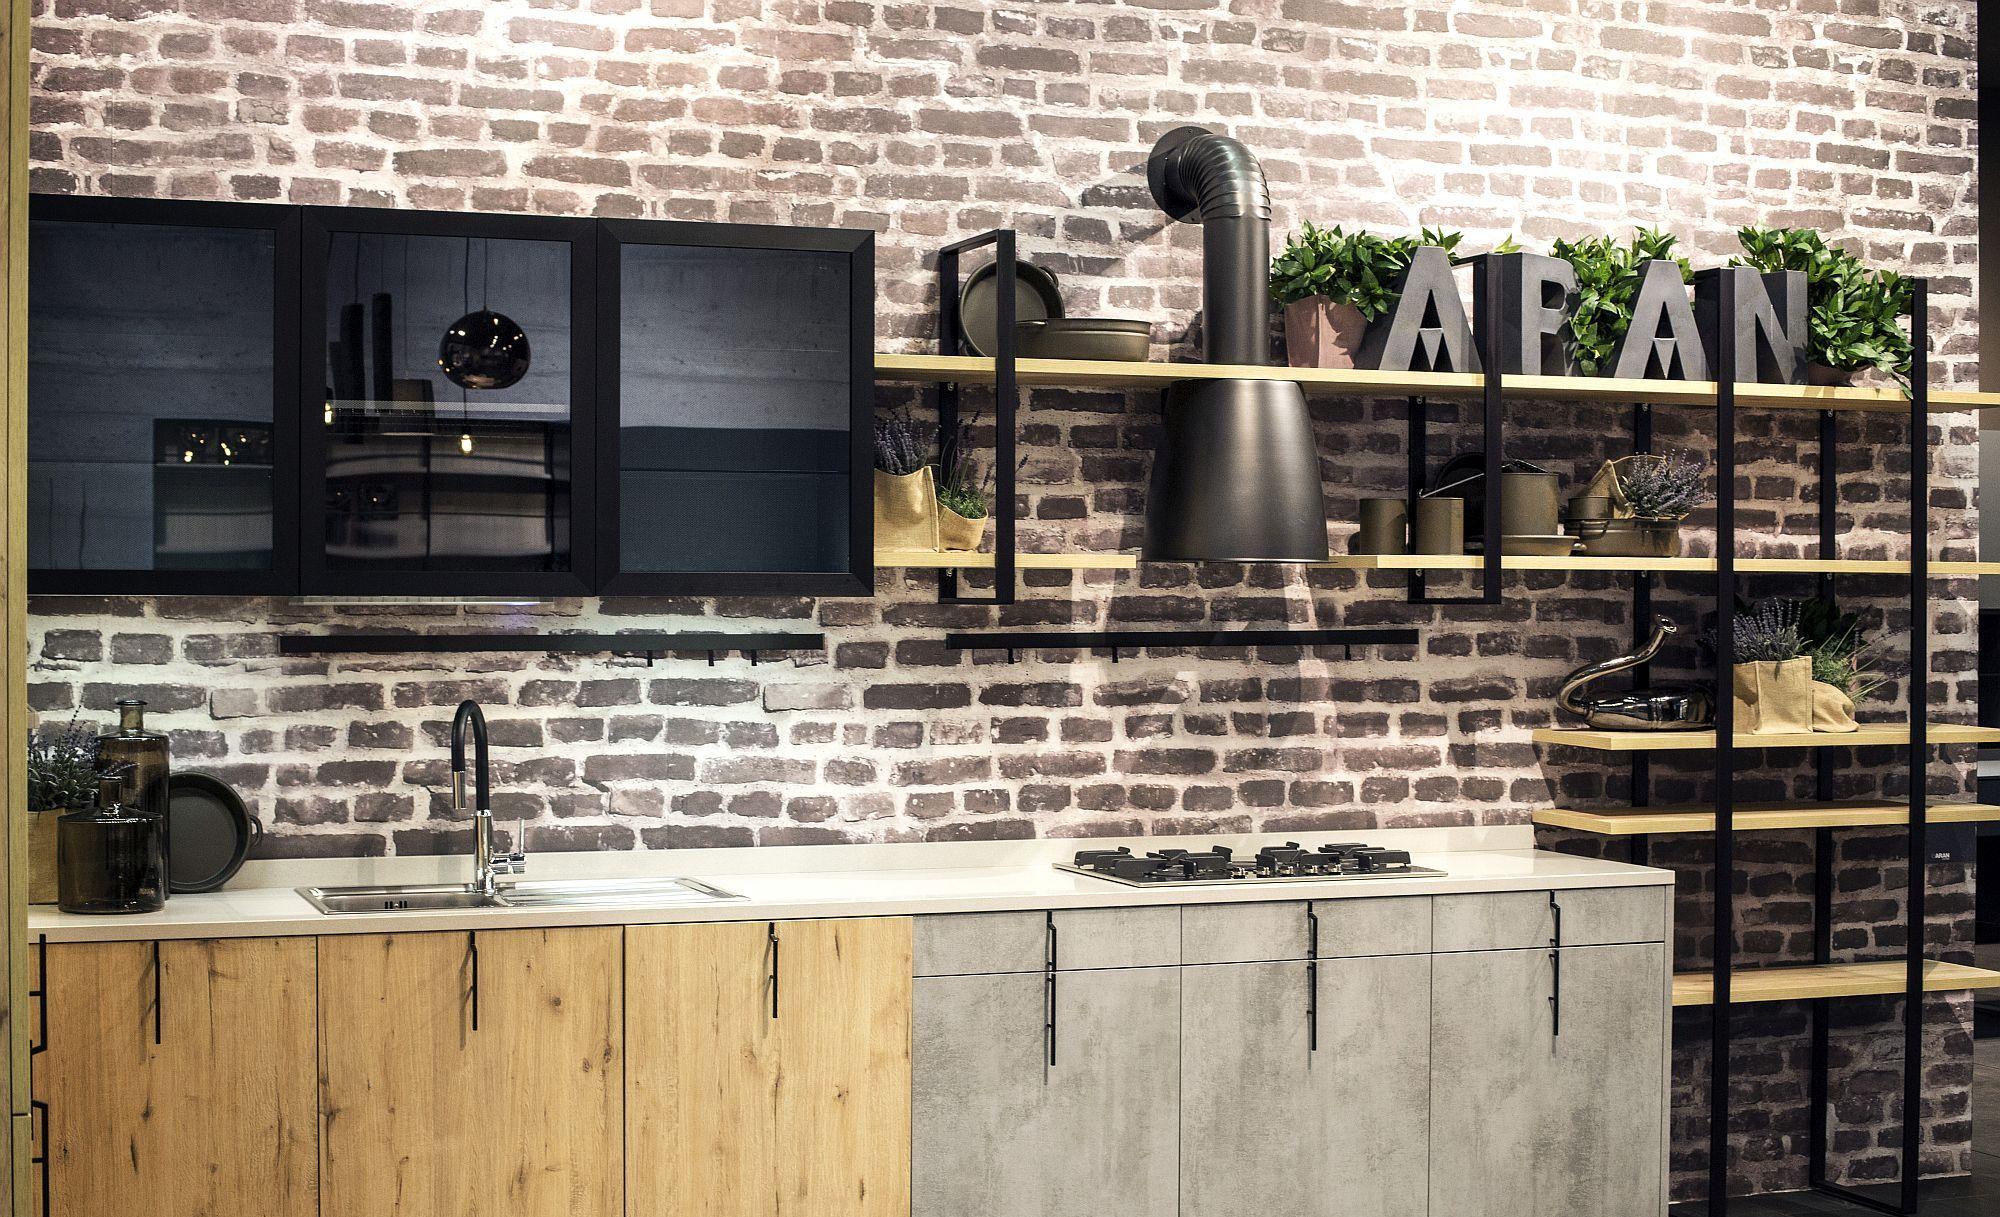 Дизайн интерьера и мебели для маленькой кухни в стиле лофт - фото 1